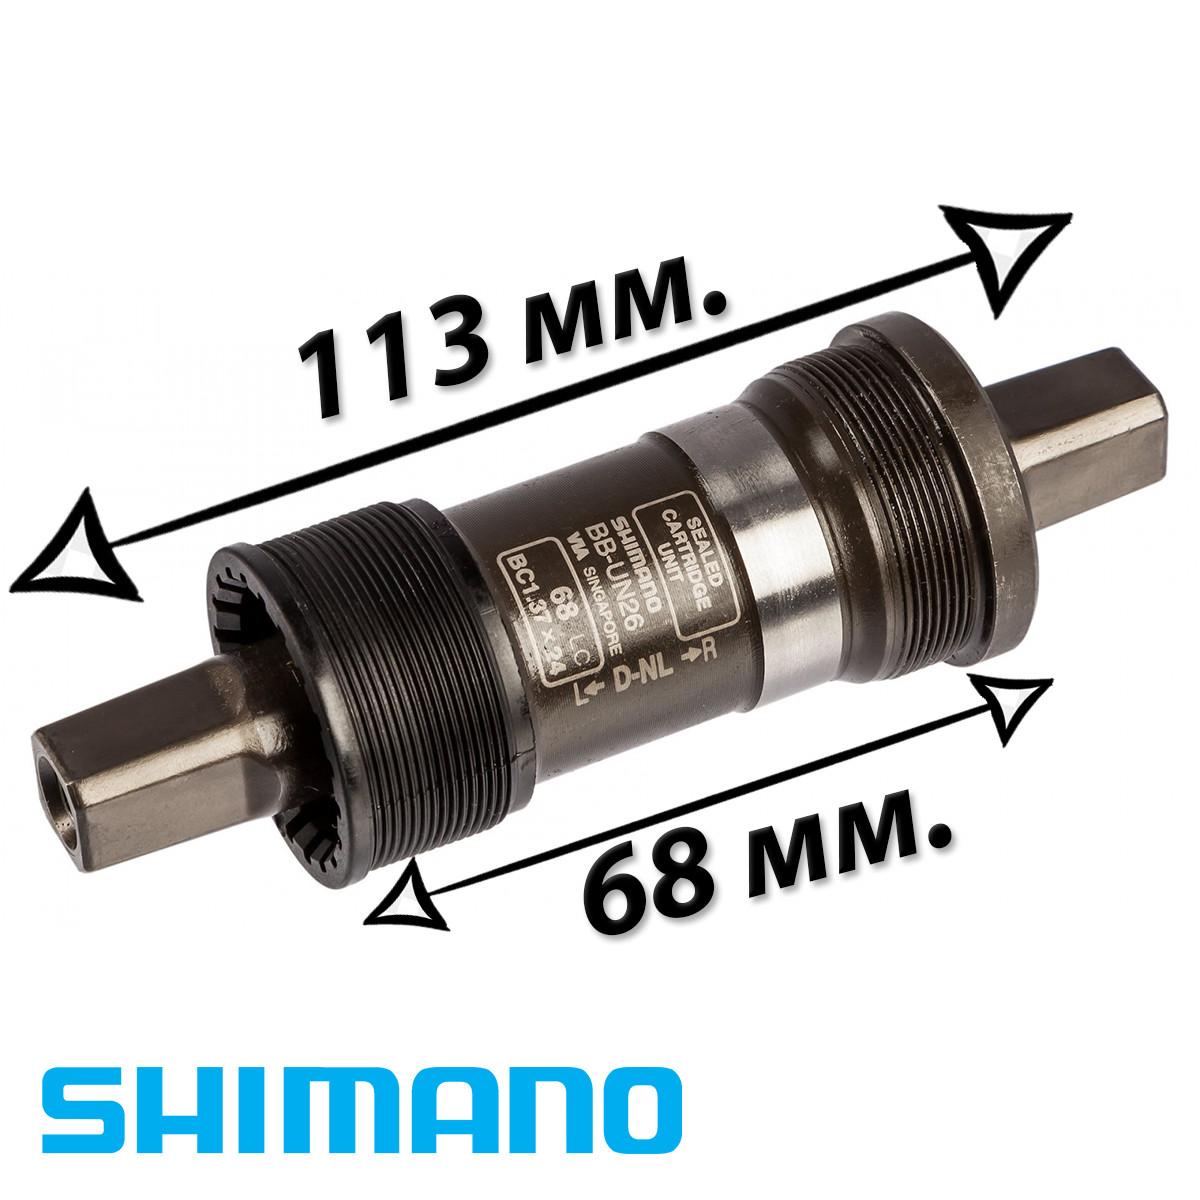 Картридж каретки під квадрат SHIMANO BB-UN26 (113 мм)